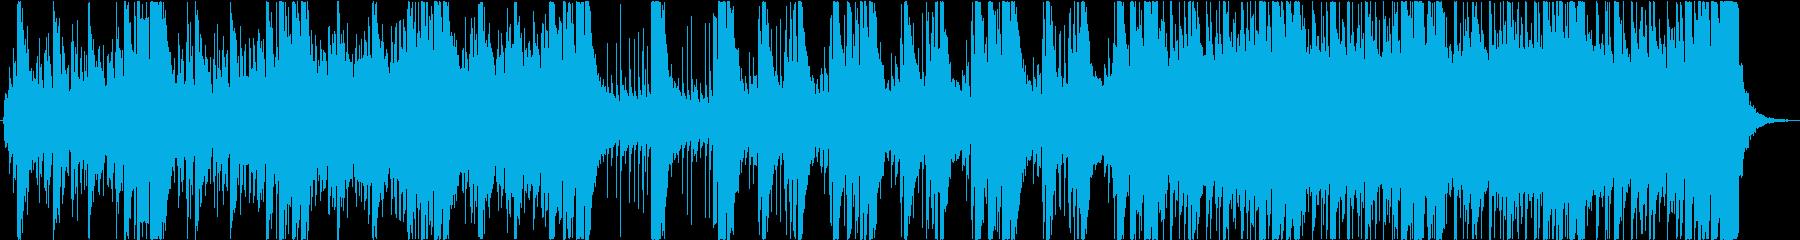 和・尺八・琴、重厚なエピックオーケストラの再生済みの波形